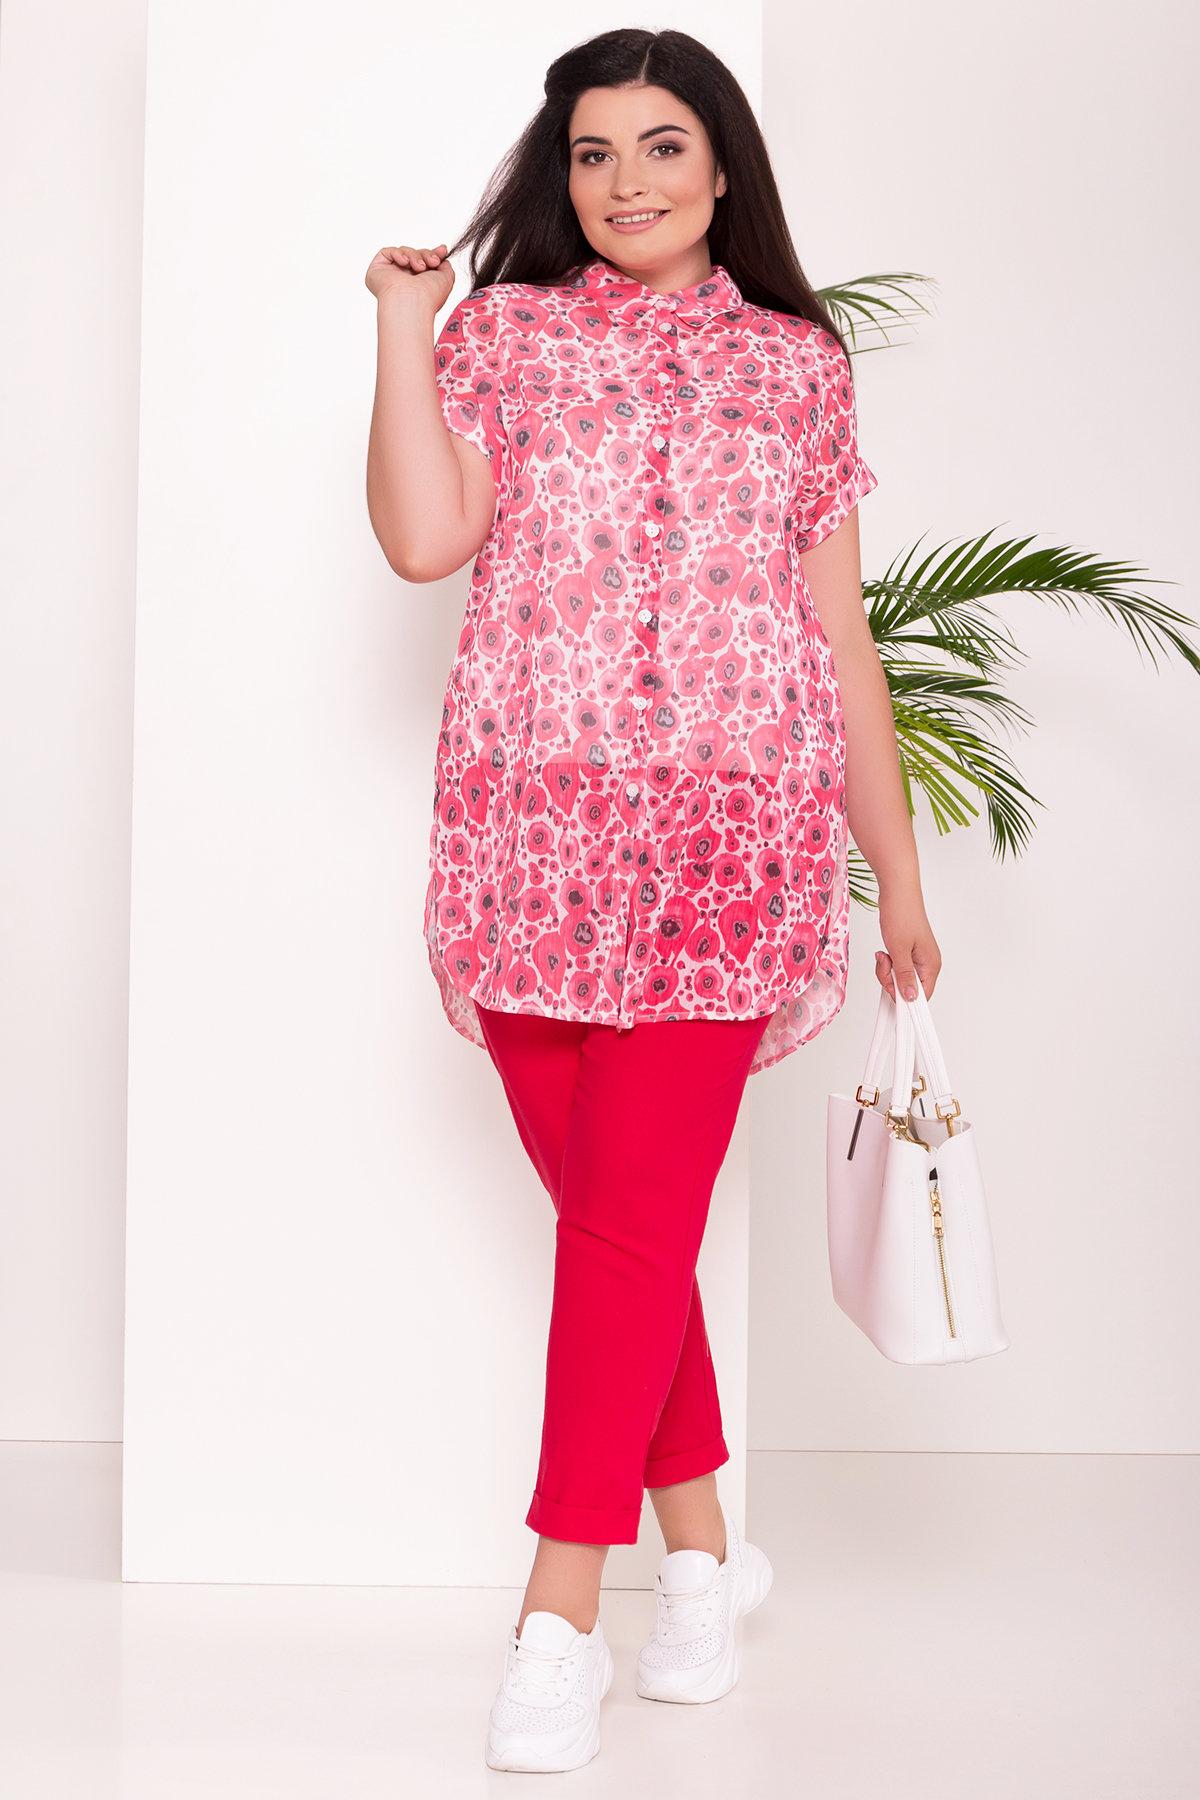 женская одежда больших размеров интернет магазин Украина Костюм тройка Аланья Donna 7567